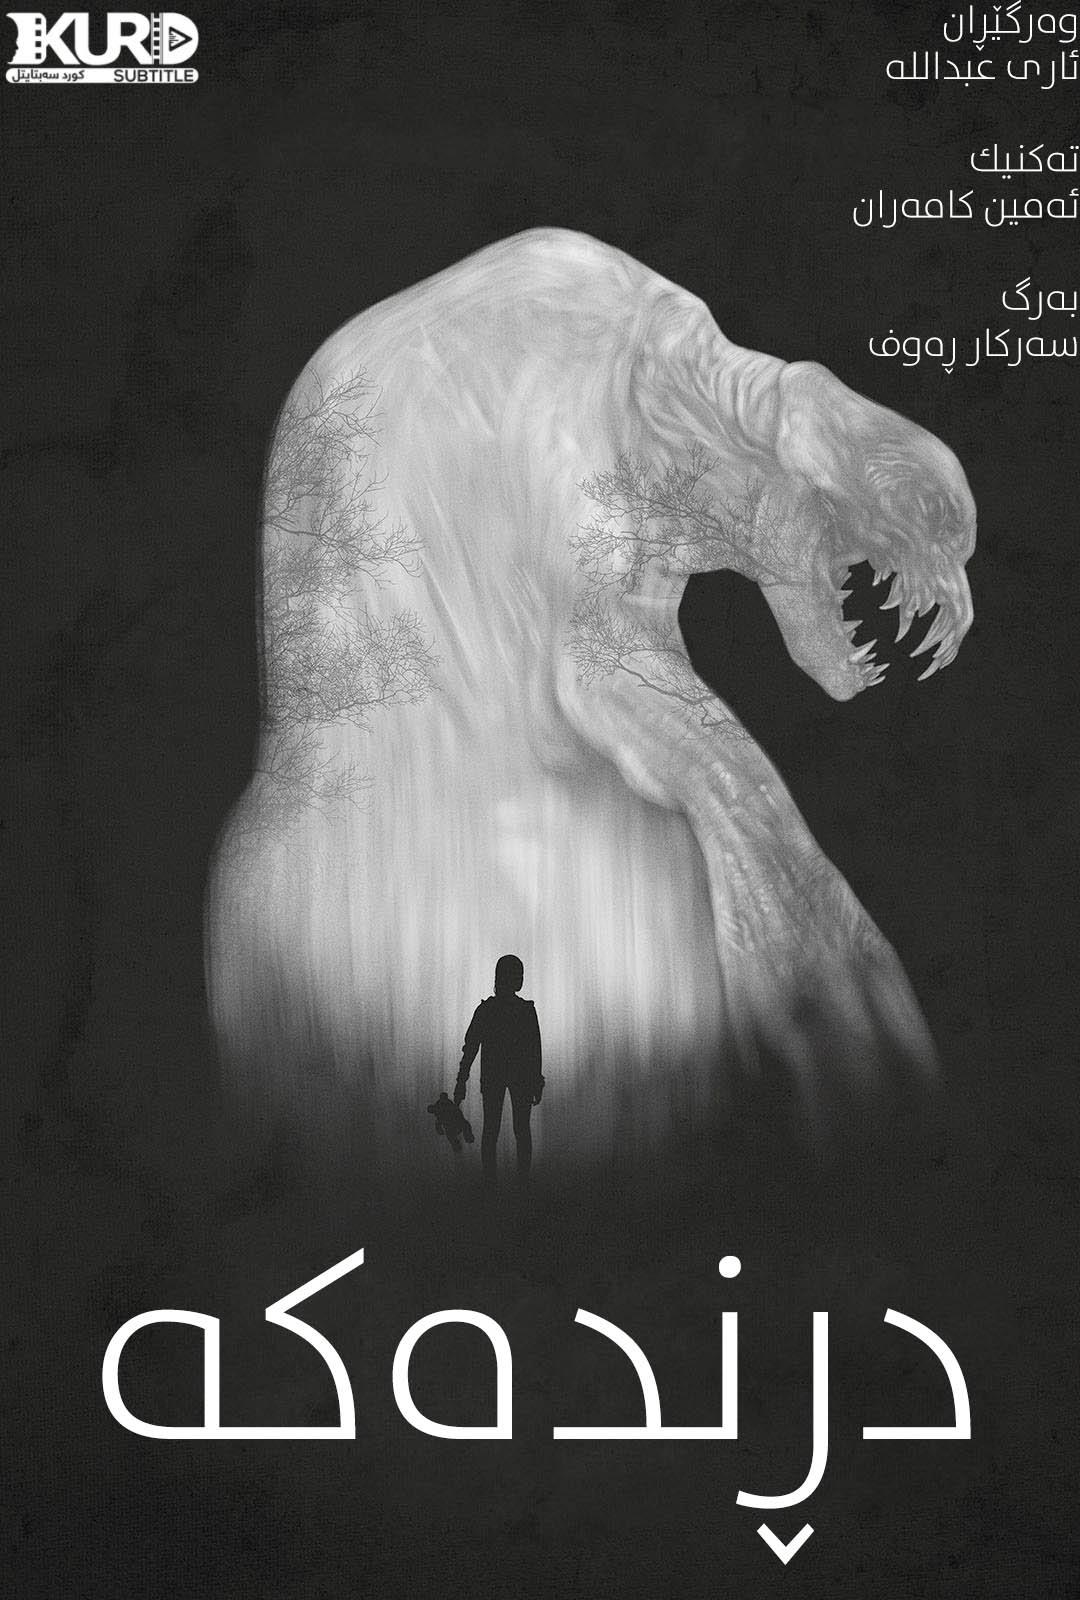 The Monster kurdish poster